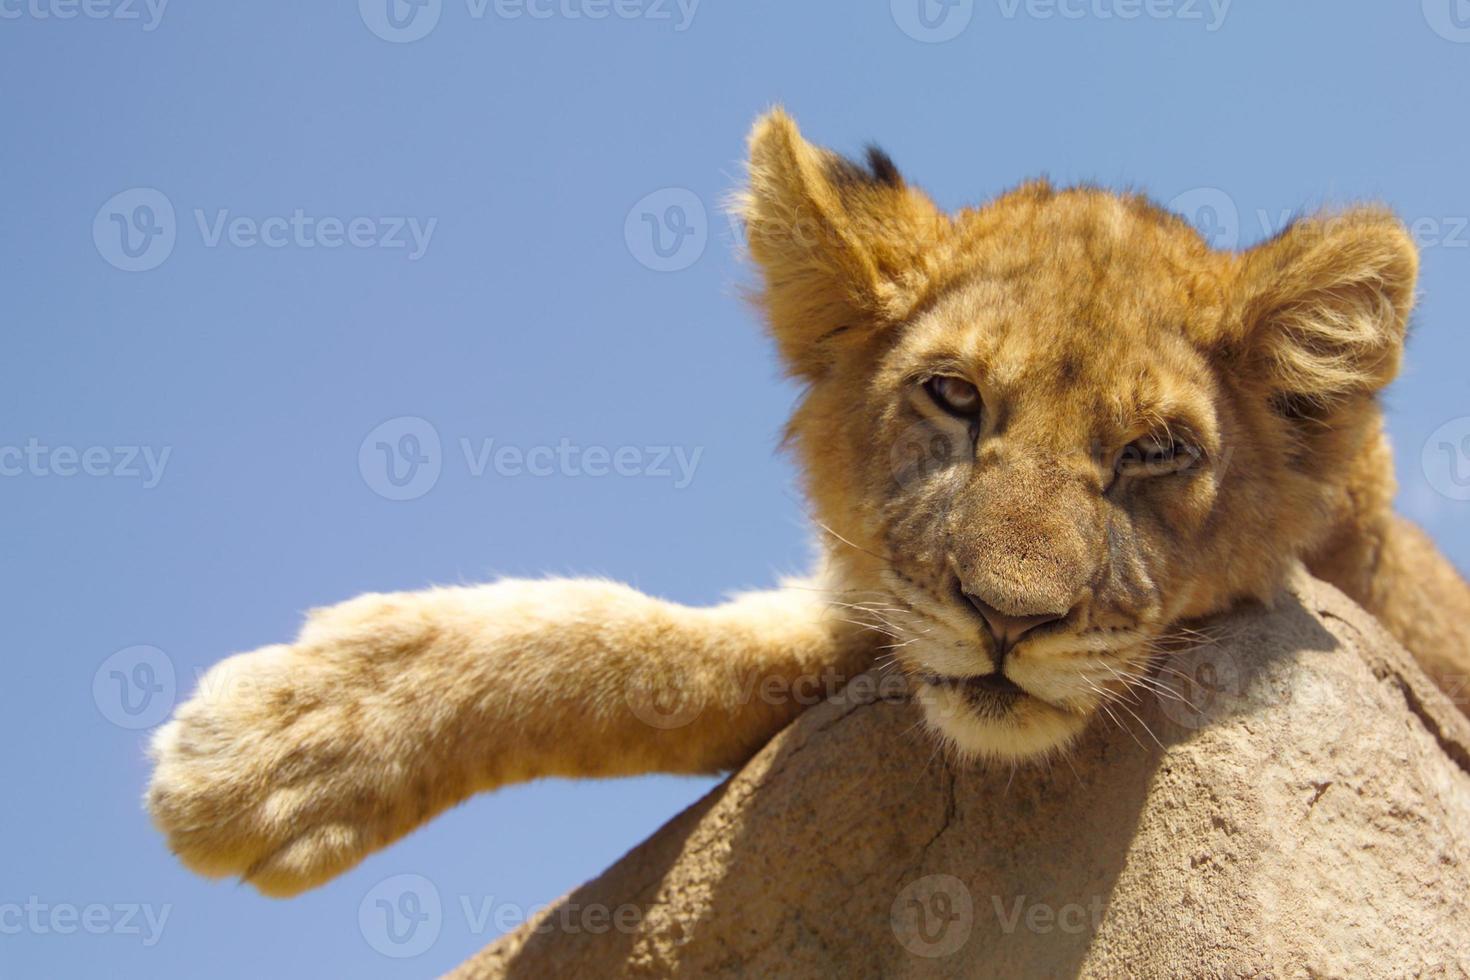 filhote de leão preguiçoso foto